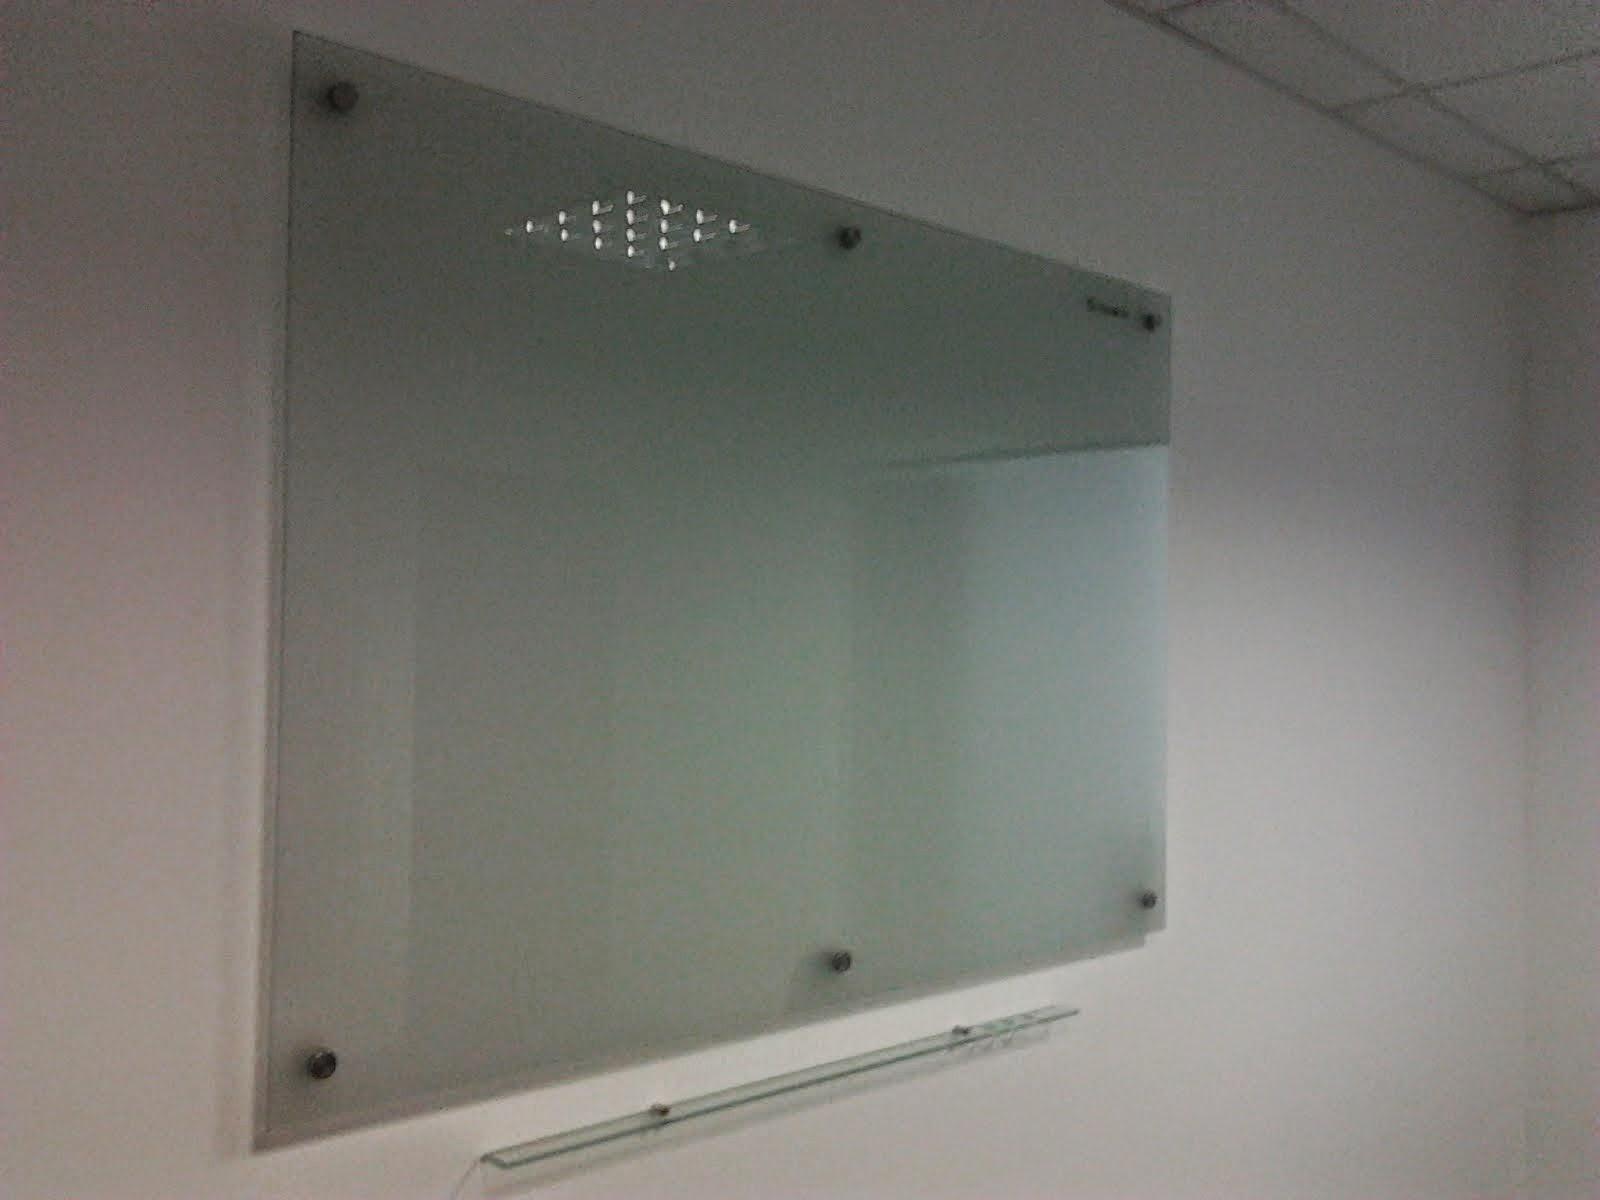 Vka publicidad letreros s a c pizarra en vidrio de - Pared de vidrio ...